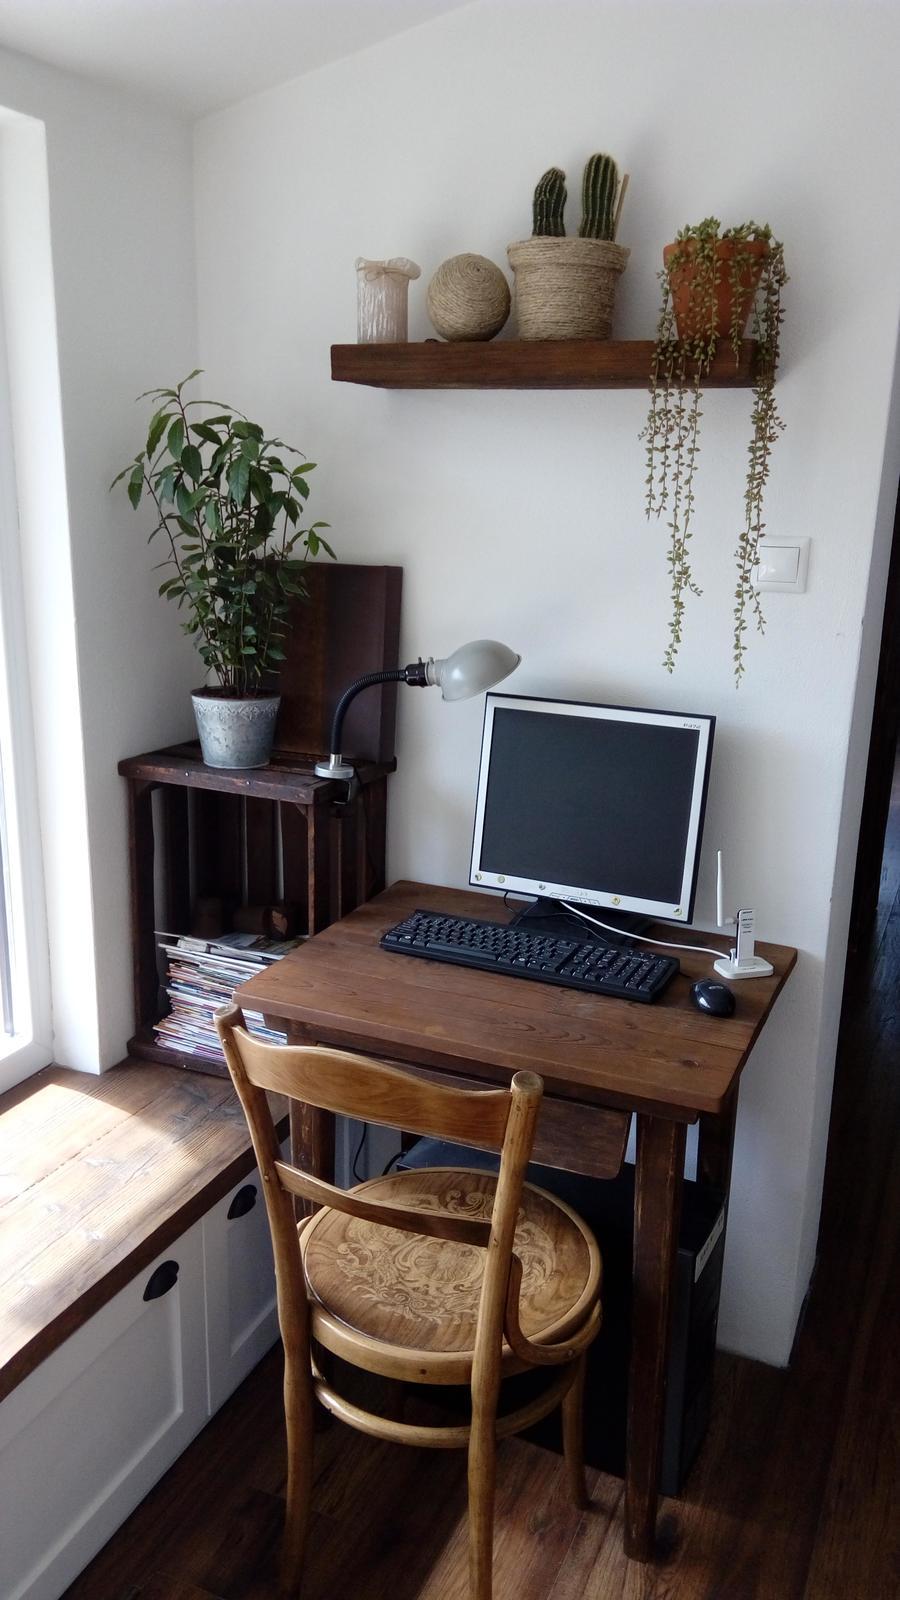 Domov - dostala som stoličku....ževraj 100 ročnú....prebrúsená a prelakovaná, krásne vystúpila kresba nanej